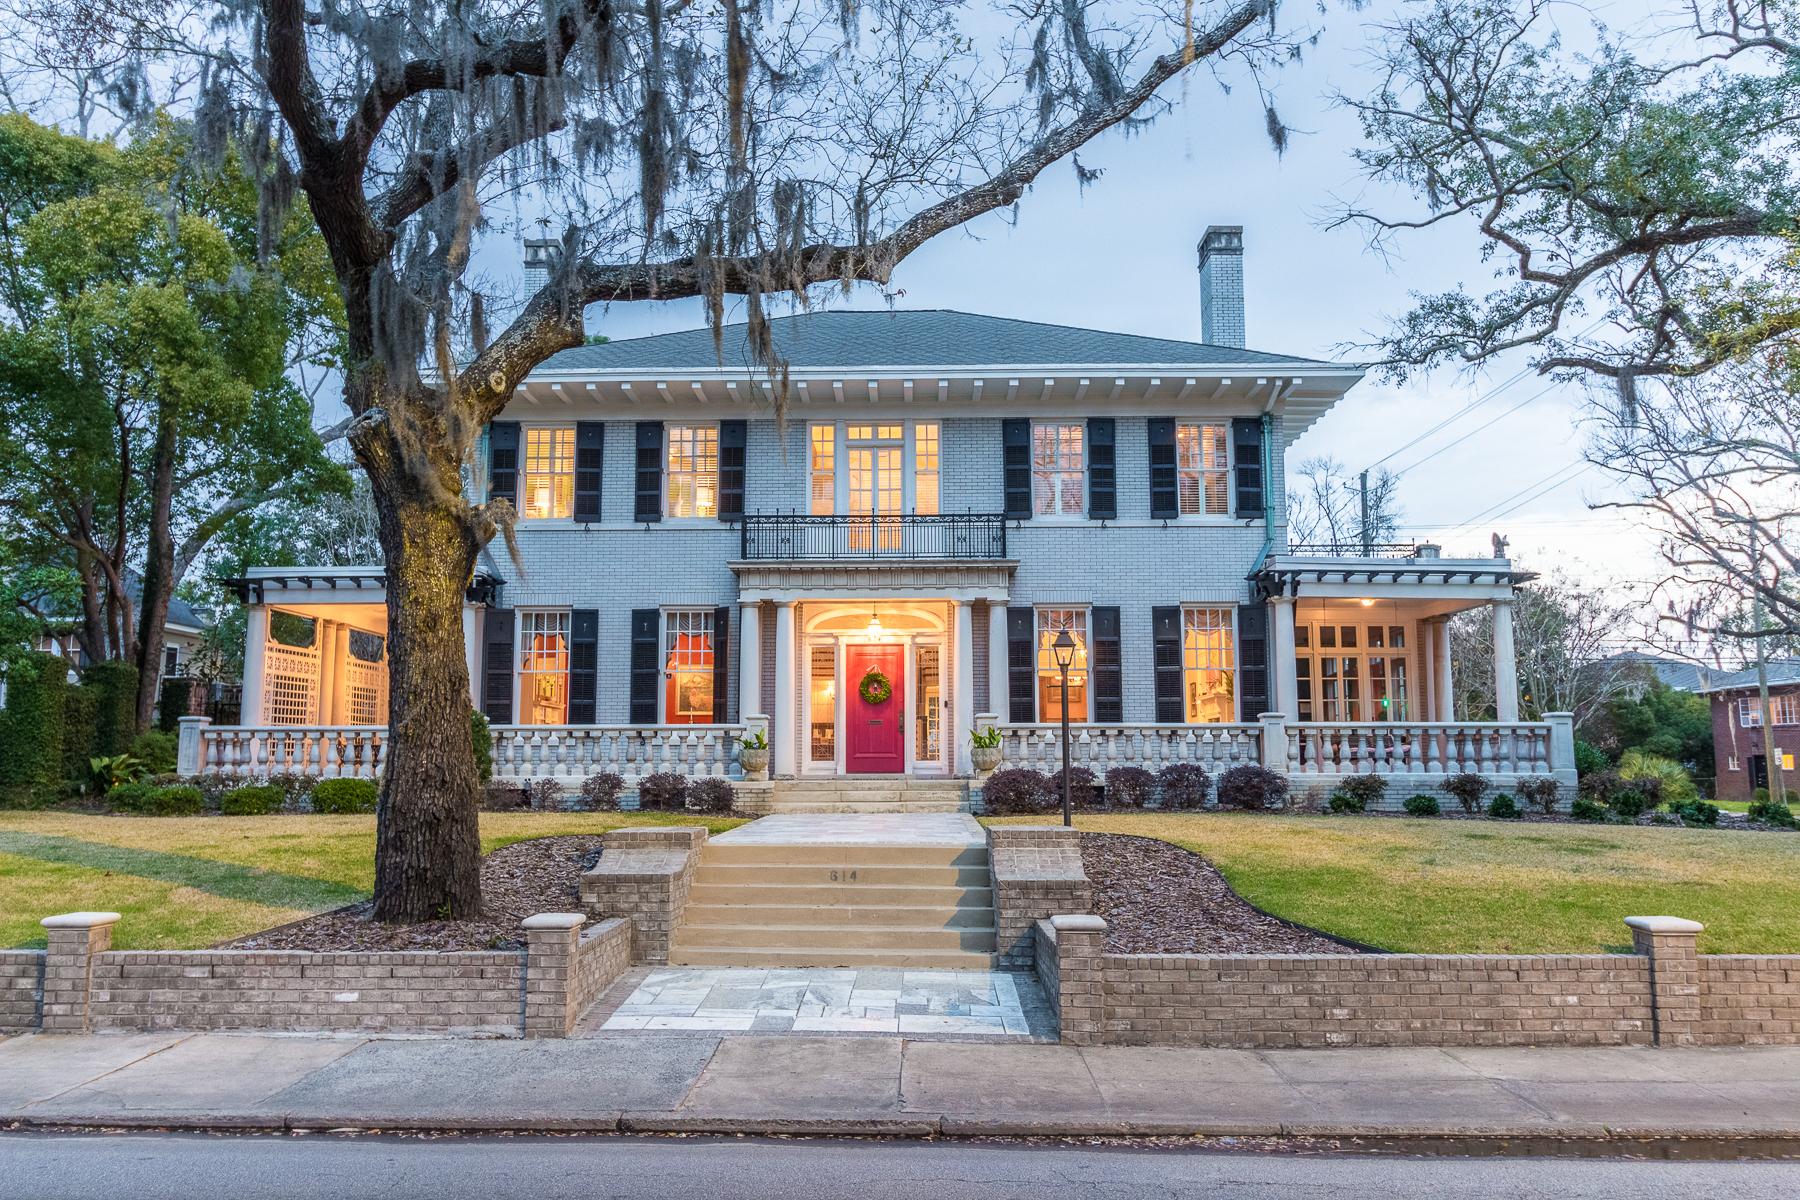 Частный односемейный дом для того Продажа на 614 Victory Drive 614 E Victory Dr Savannah, Джорджия, 31405 Соединенные Штаты